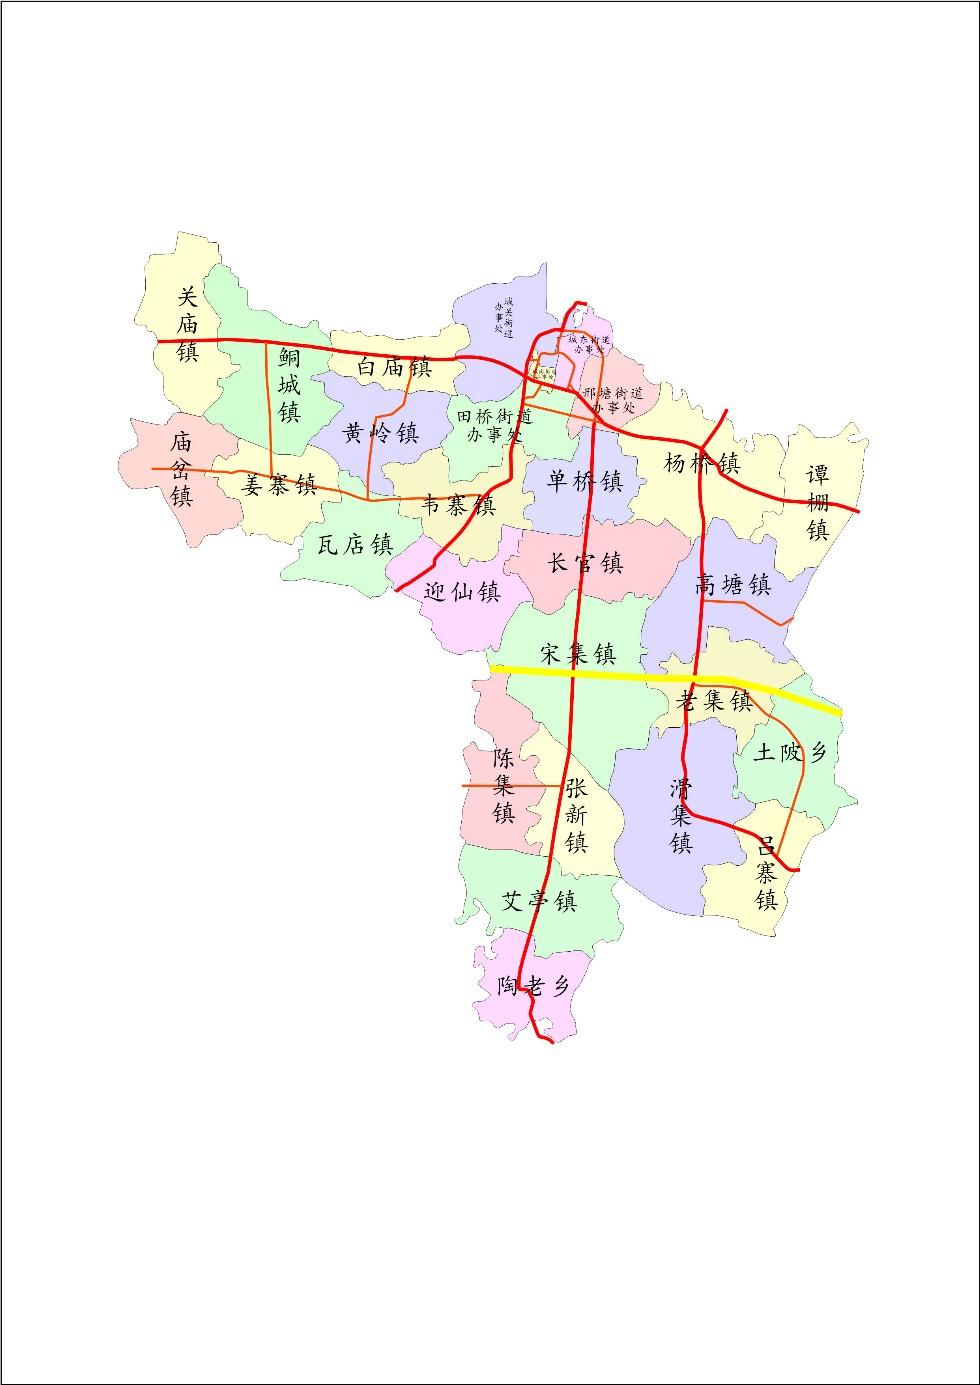 临泉行政区划简图.jpg